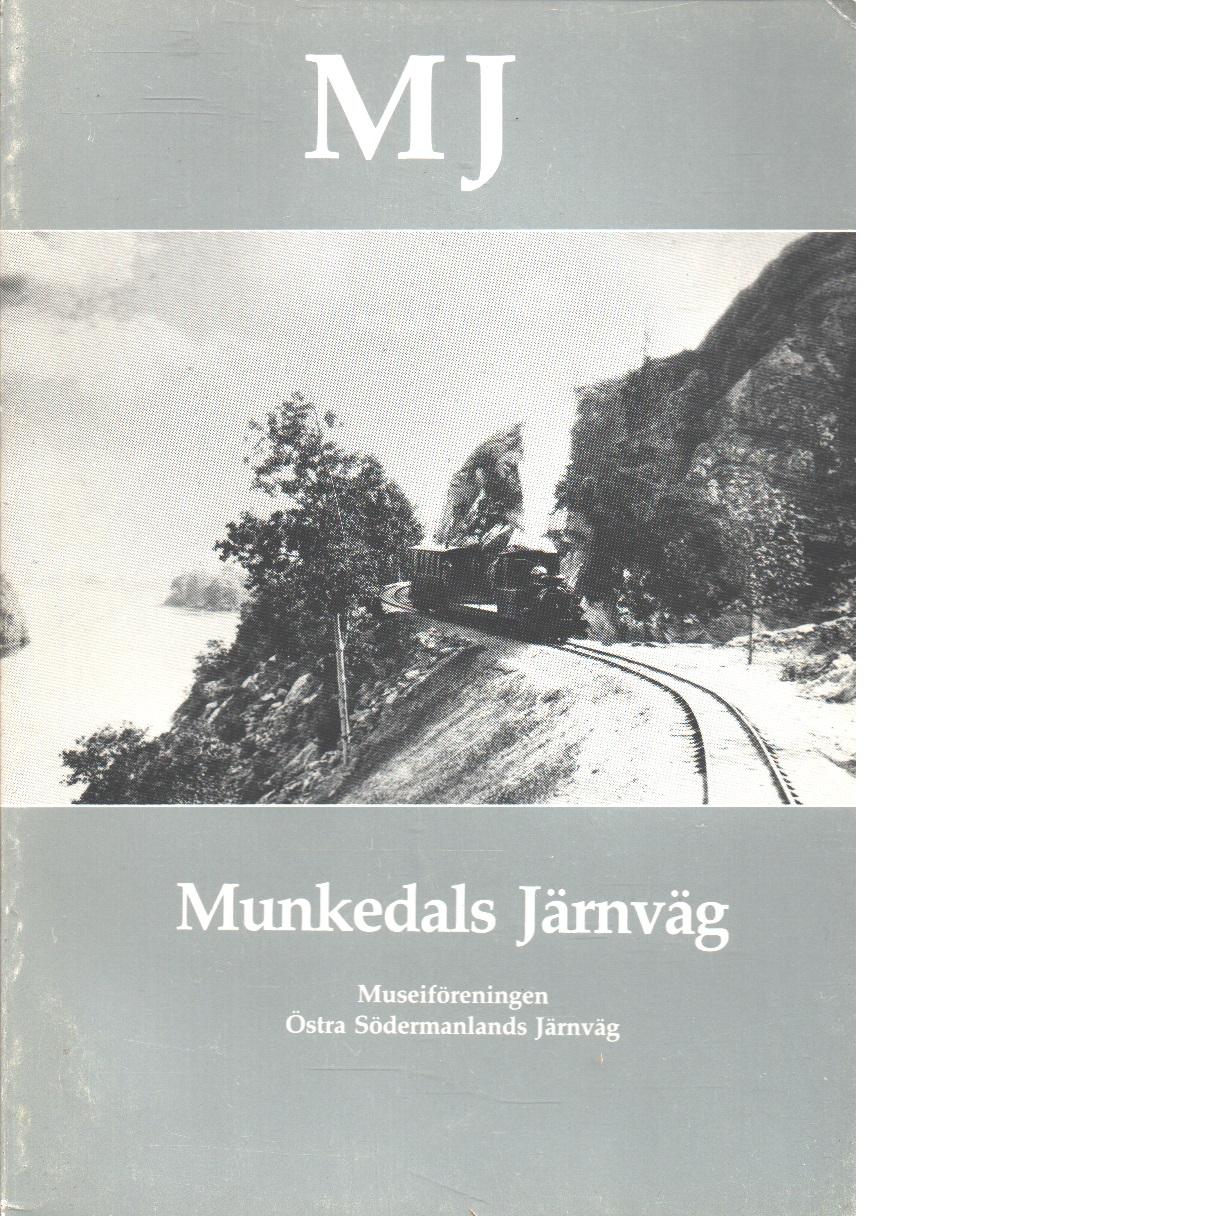 Munkedals järnväg - Welander, Lennart